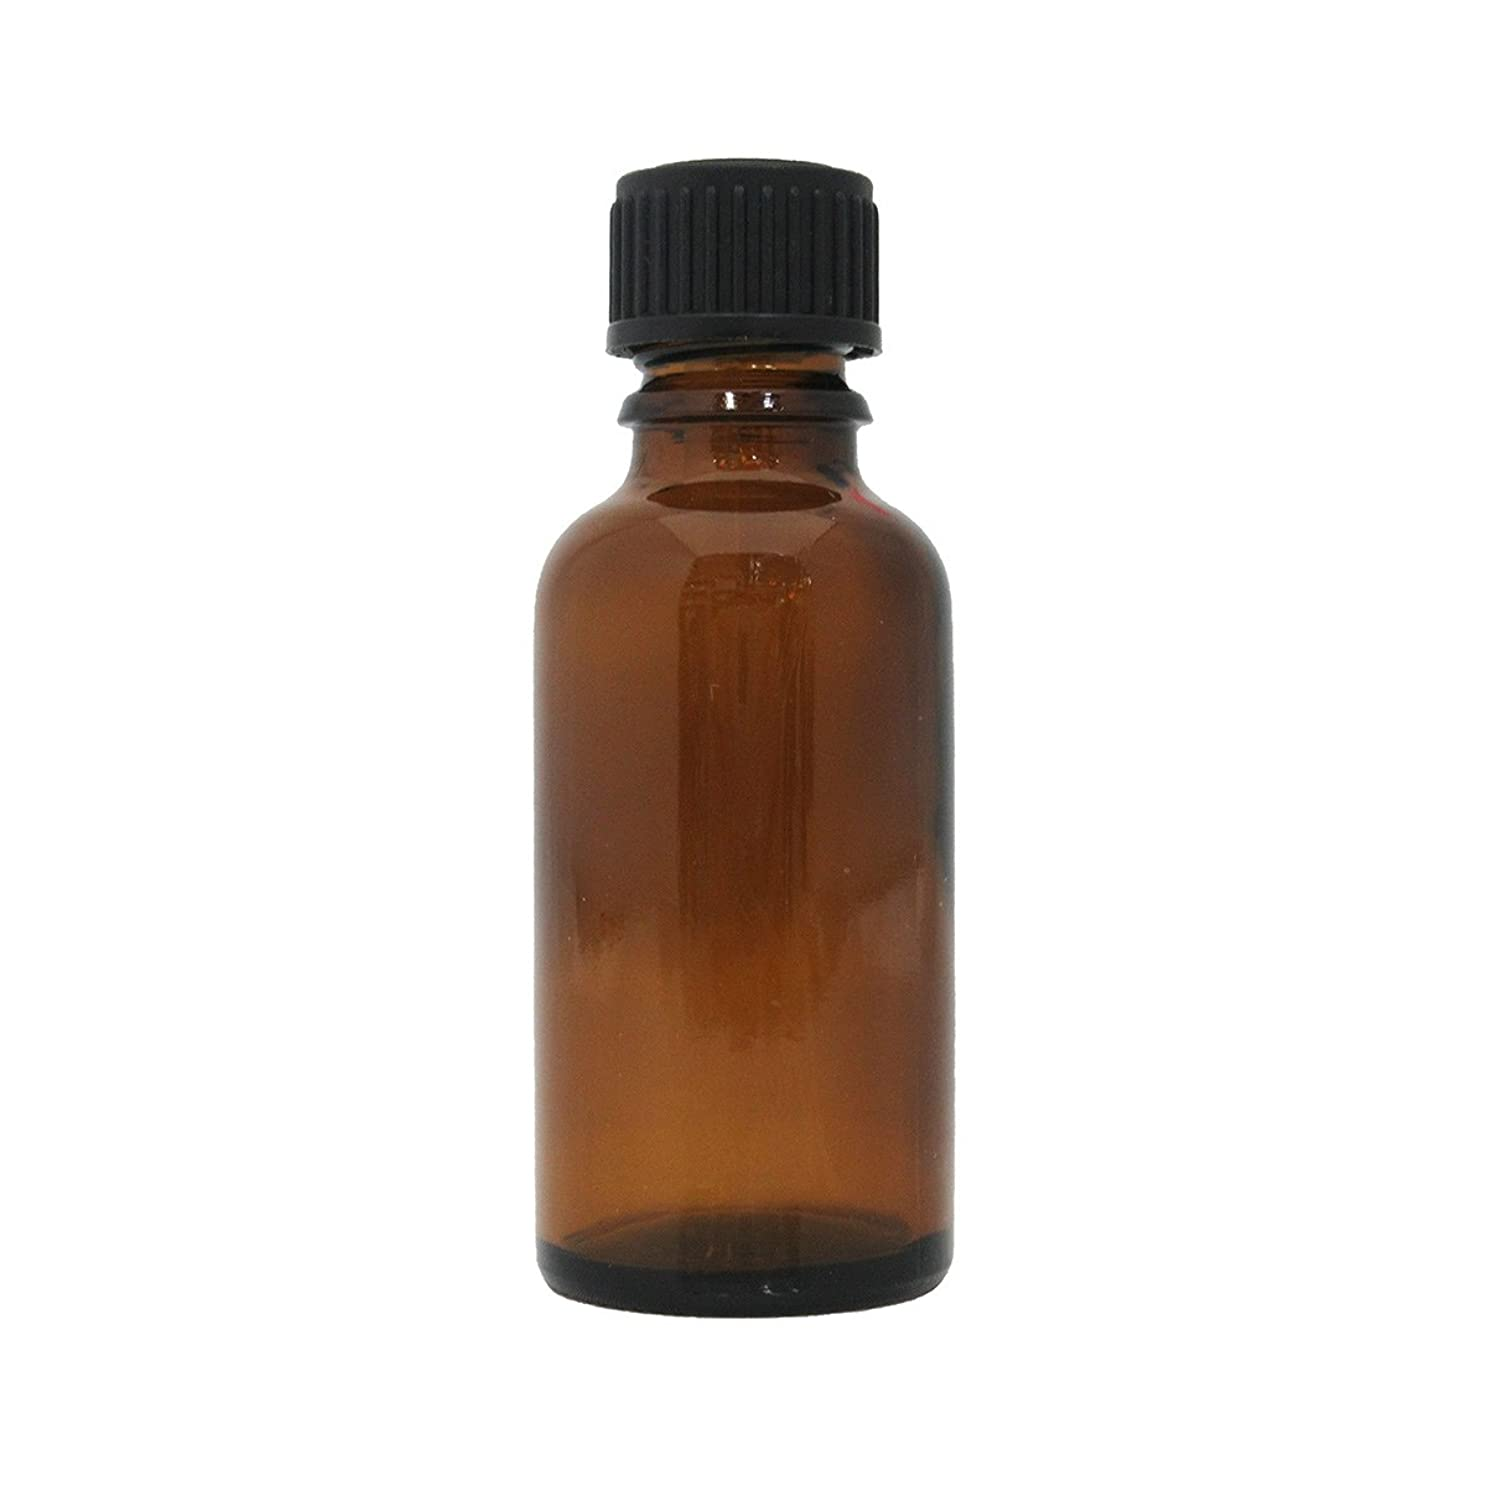 ファイアル再びアクロバット茶色遮光瓶 30ml (ドロッパー付)